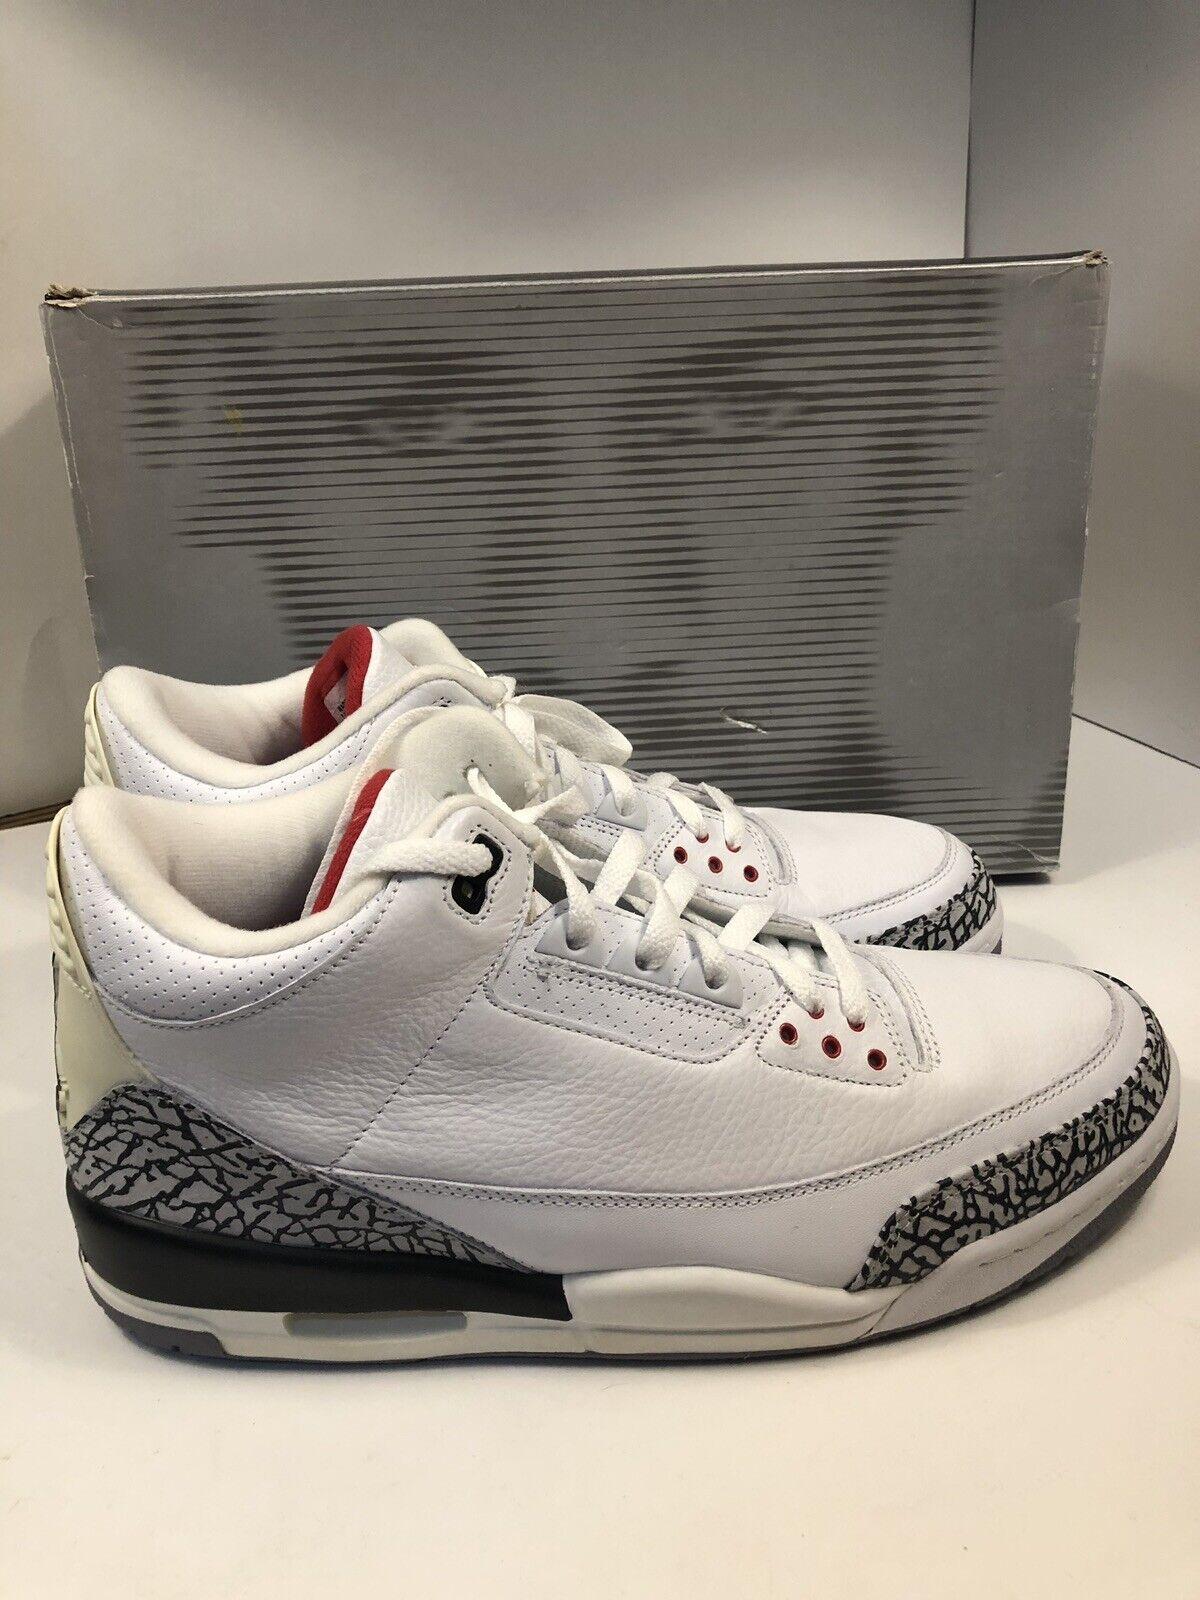 8fcde779cc0b6d RARE 2003 Nike Air Air Air Jordan 3 White Cement Size 13 136064-102 VNDS